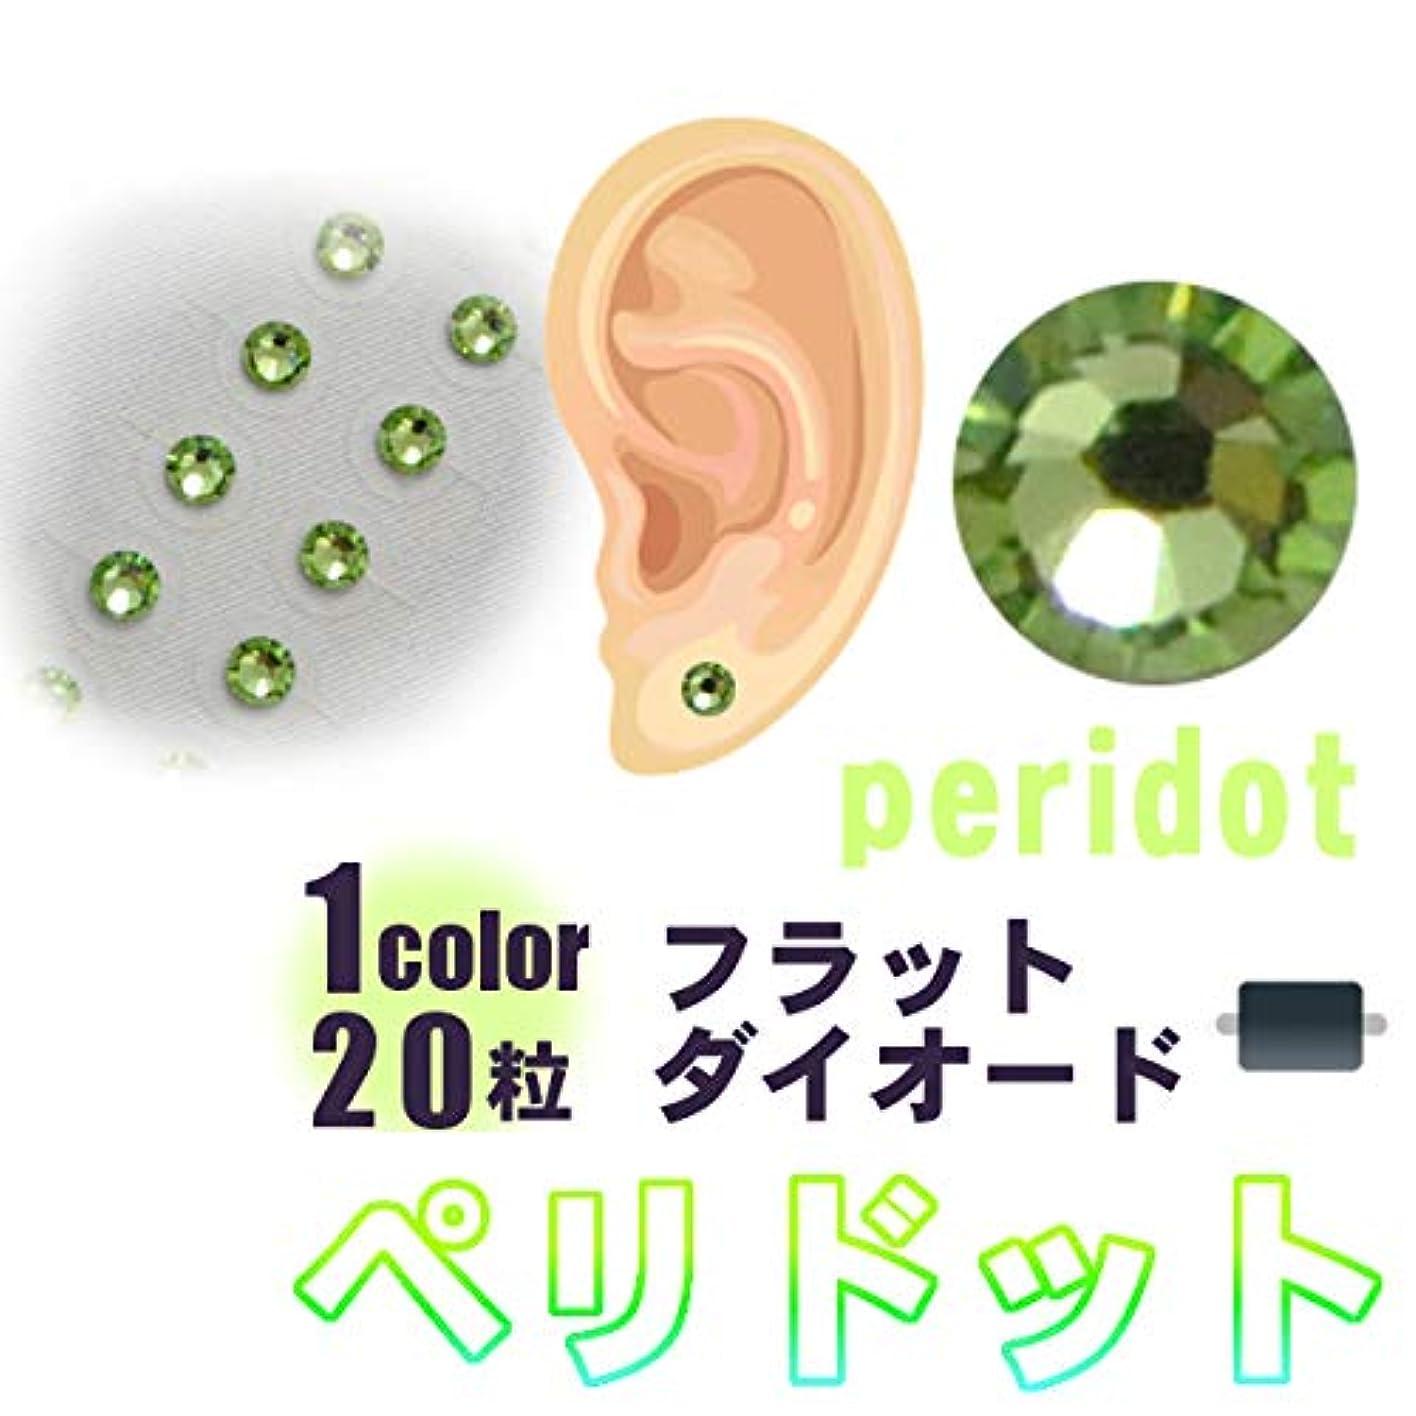 サミット評価大気フラットダイオード 耳つぼジュエリー(1シート20粒)ペリドットー全3サイズー粘着強化耳ツボシール(L ss16 約4mm) 【初心者用耳つぼマップ付】